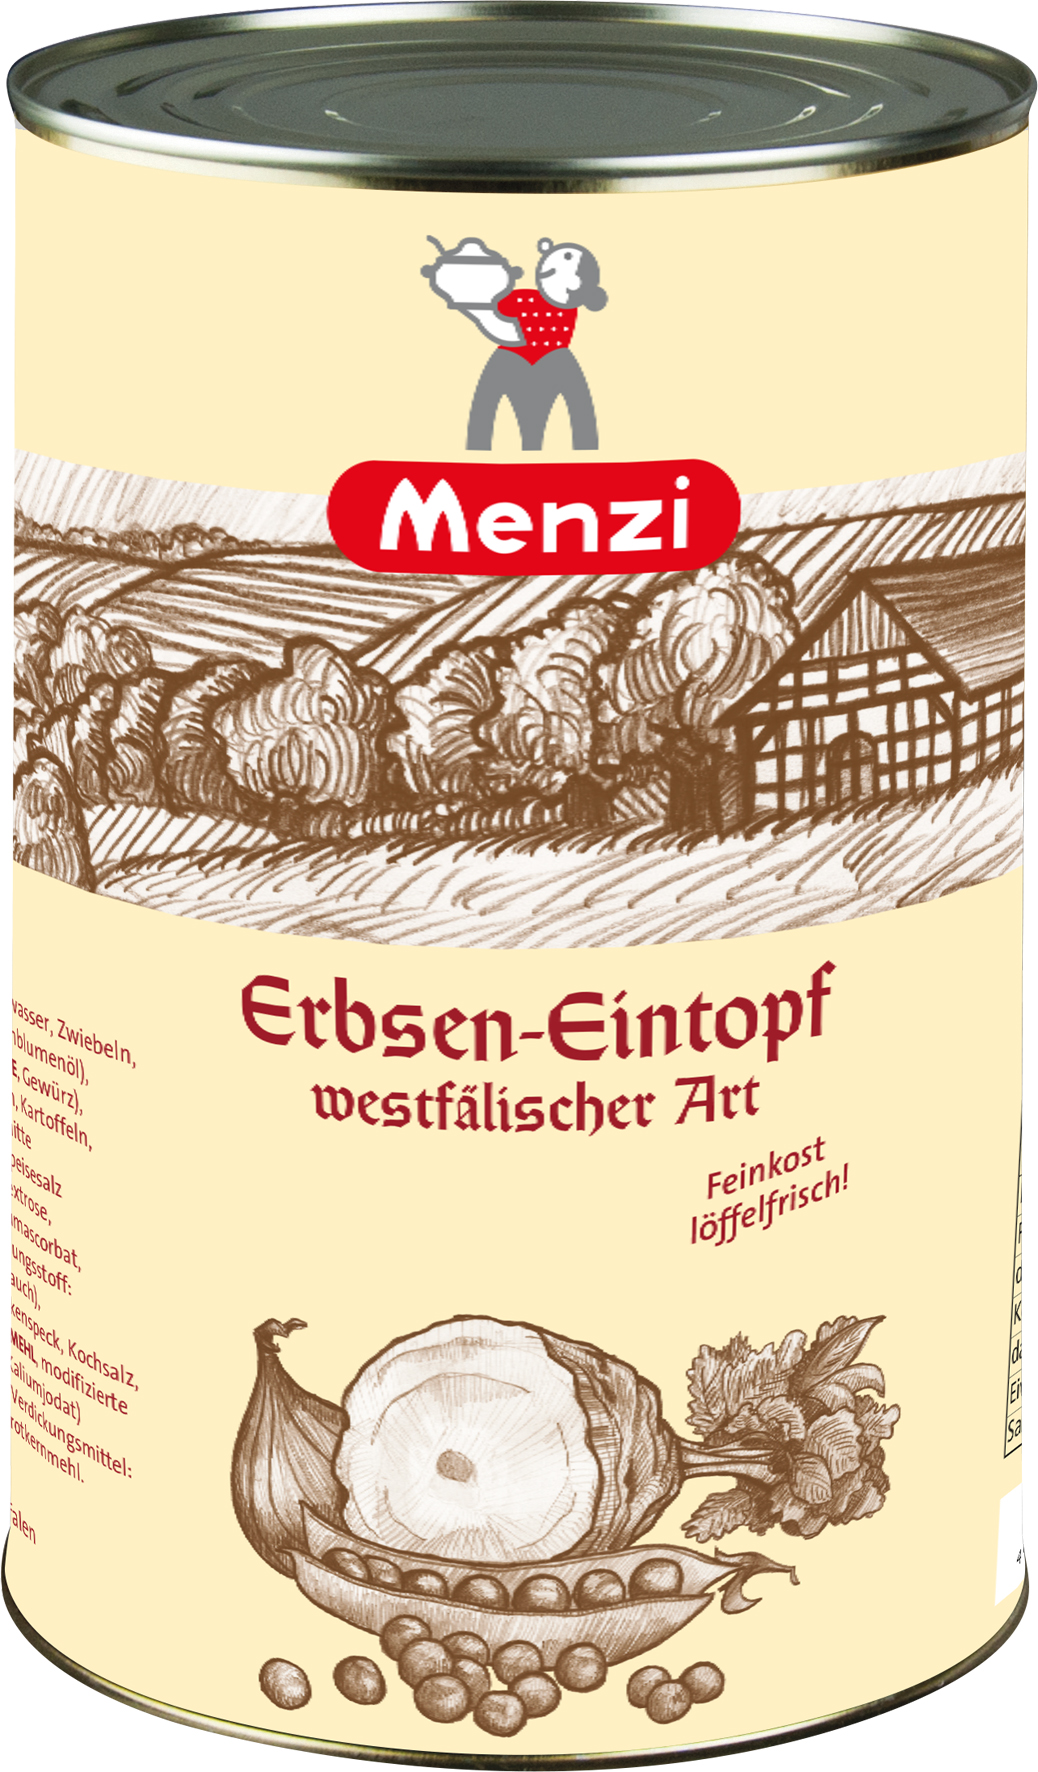 erbsen-eintopf-westfalischer-art-von-menzi-4-200g